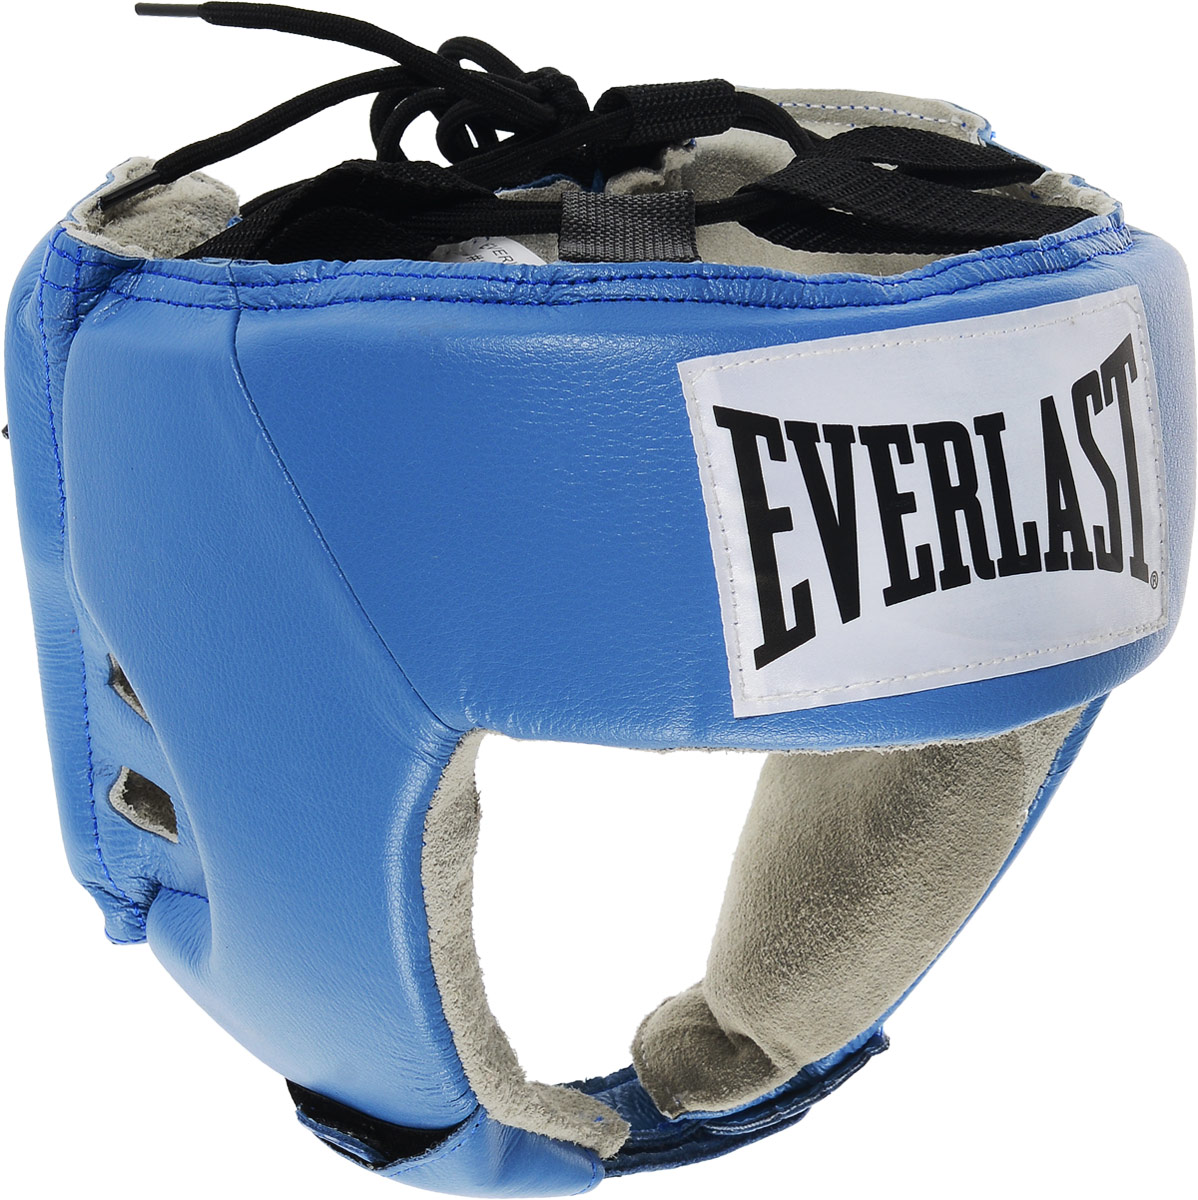 Шлем боксерский Everlast USA Boxing, цвет: синий, белый, черный. Размер XLJE-2783_339690Everlast USA Boxing - боксерский шлем, разработанный для выступления на любительских соревнованиях и одобренный ассоциацией USA Boxing. Плотный четырехслойный пенный наполнитель превосходно амортизирует удары и значительно снижает риск травмы. Качественная натуральная кожа (снаружи) и не менее качественная замша (внутри) обеспечивают значительный запас прочности и отличную износоустойчивость. Подгонка под необходимый размер и фиксация на голове происходят за счет затягивающихся шнурков.Если вы еще ищите шлем для предстоящих соревнований, то Everlast USA Boxing - это ваш выбор!Диаметр головы: 18 см.